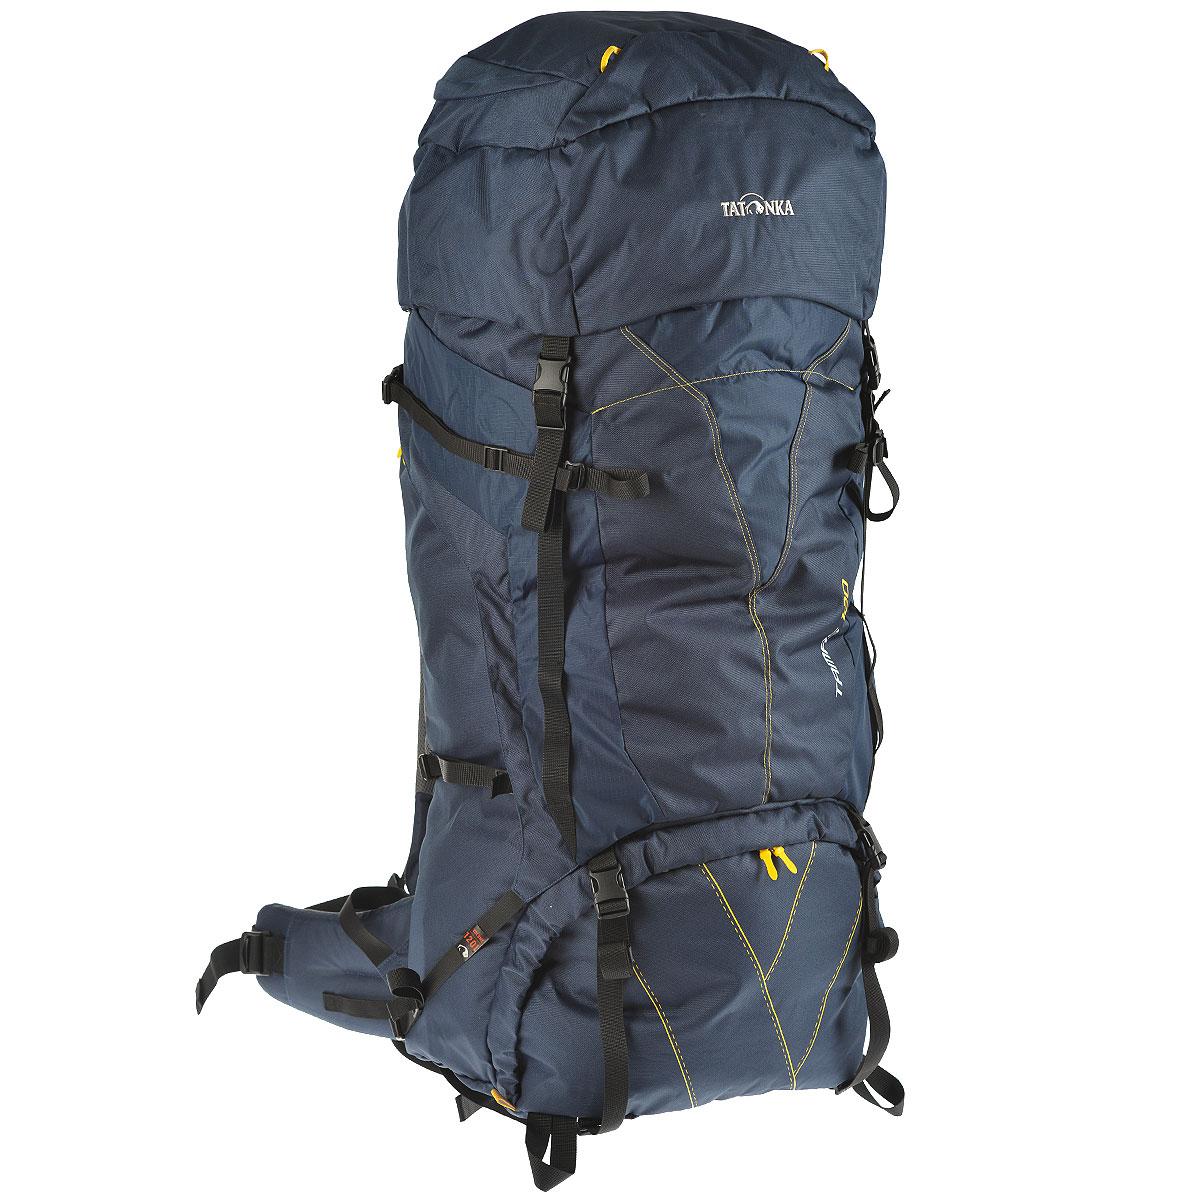 Рюкзак туристический Tatonka Tamas 120, цвет: темно-синий, 120 л6028.004Вместительный рюкзак Tatonka Tamas 120 - это отличный выбор для походов на байдарках - алюминиевые шины легко вытаскиваются из спины рюкзака и рюкзак можно компактно сложить и убрать в лодку.Преимущества и особенностиСистема переноски: Y1 Широкий поясной ремень Лямки регулируются по высоте, длине и плотности прилегания к рюкзаку Крышка рюкзака регулируется по высоте.Что взять с собой в поход?. Статья OZON Гид